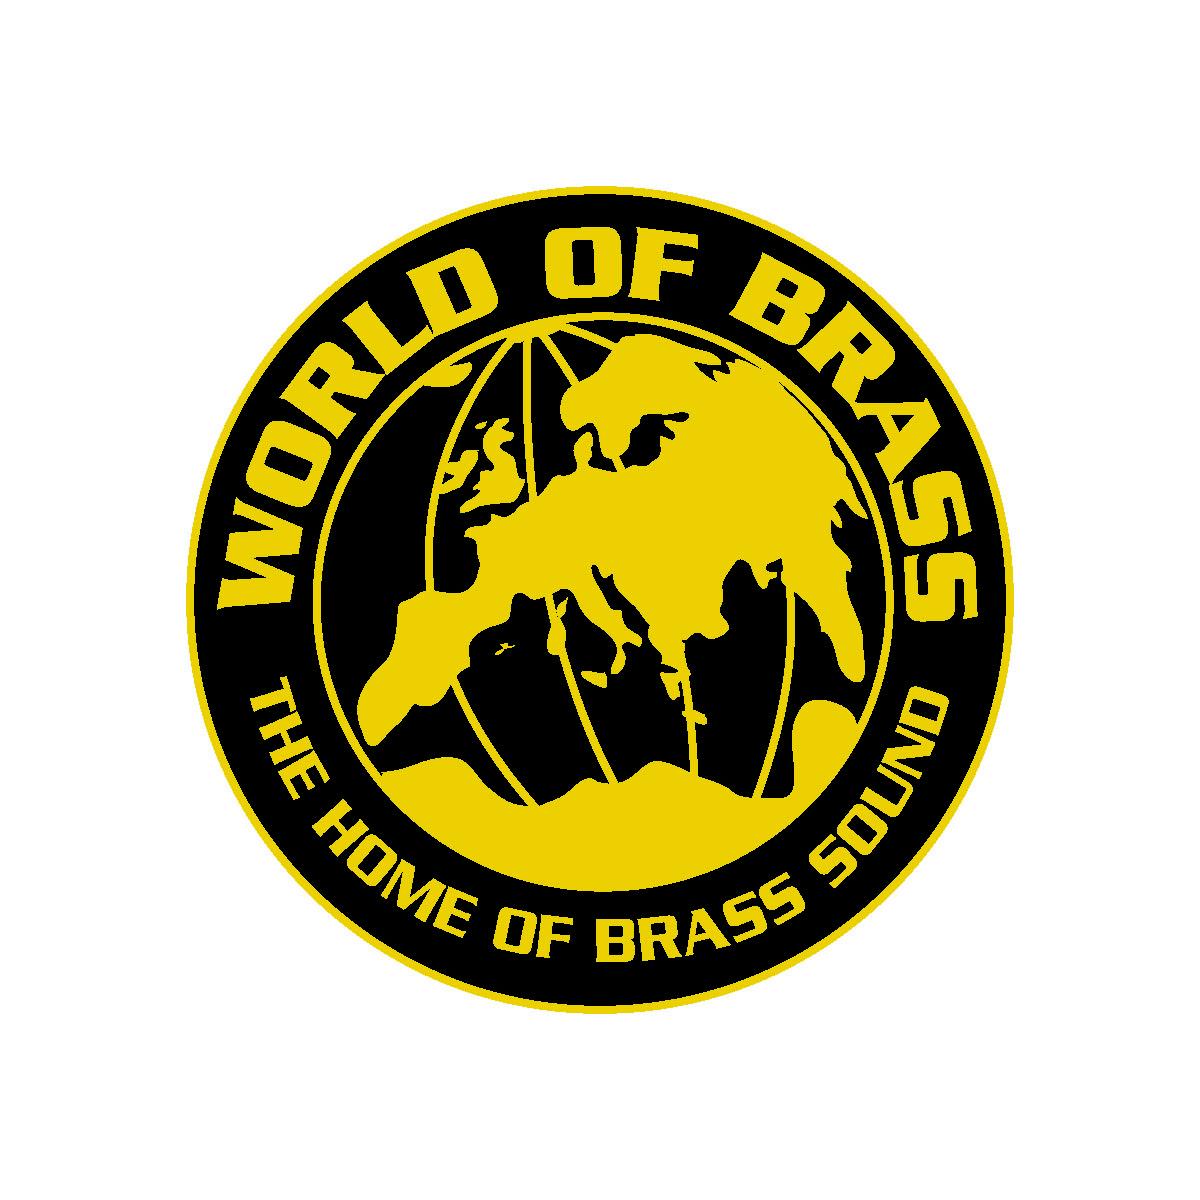 worldofbrass